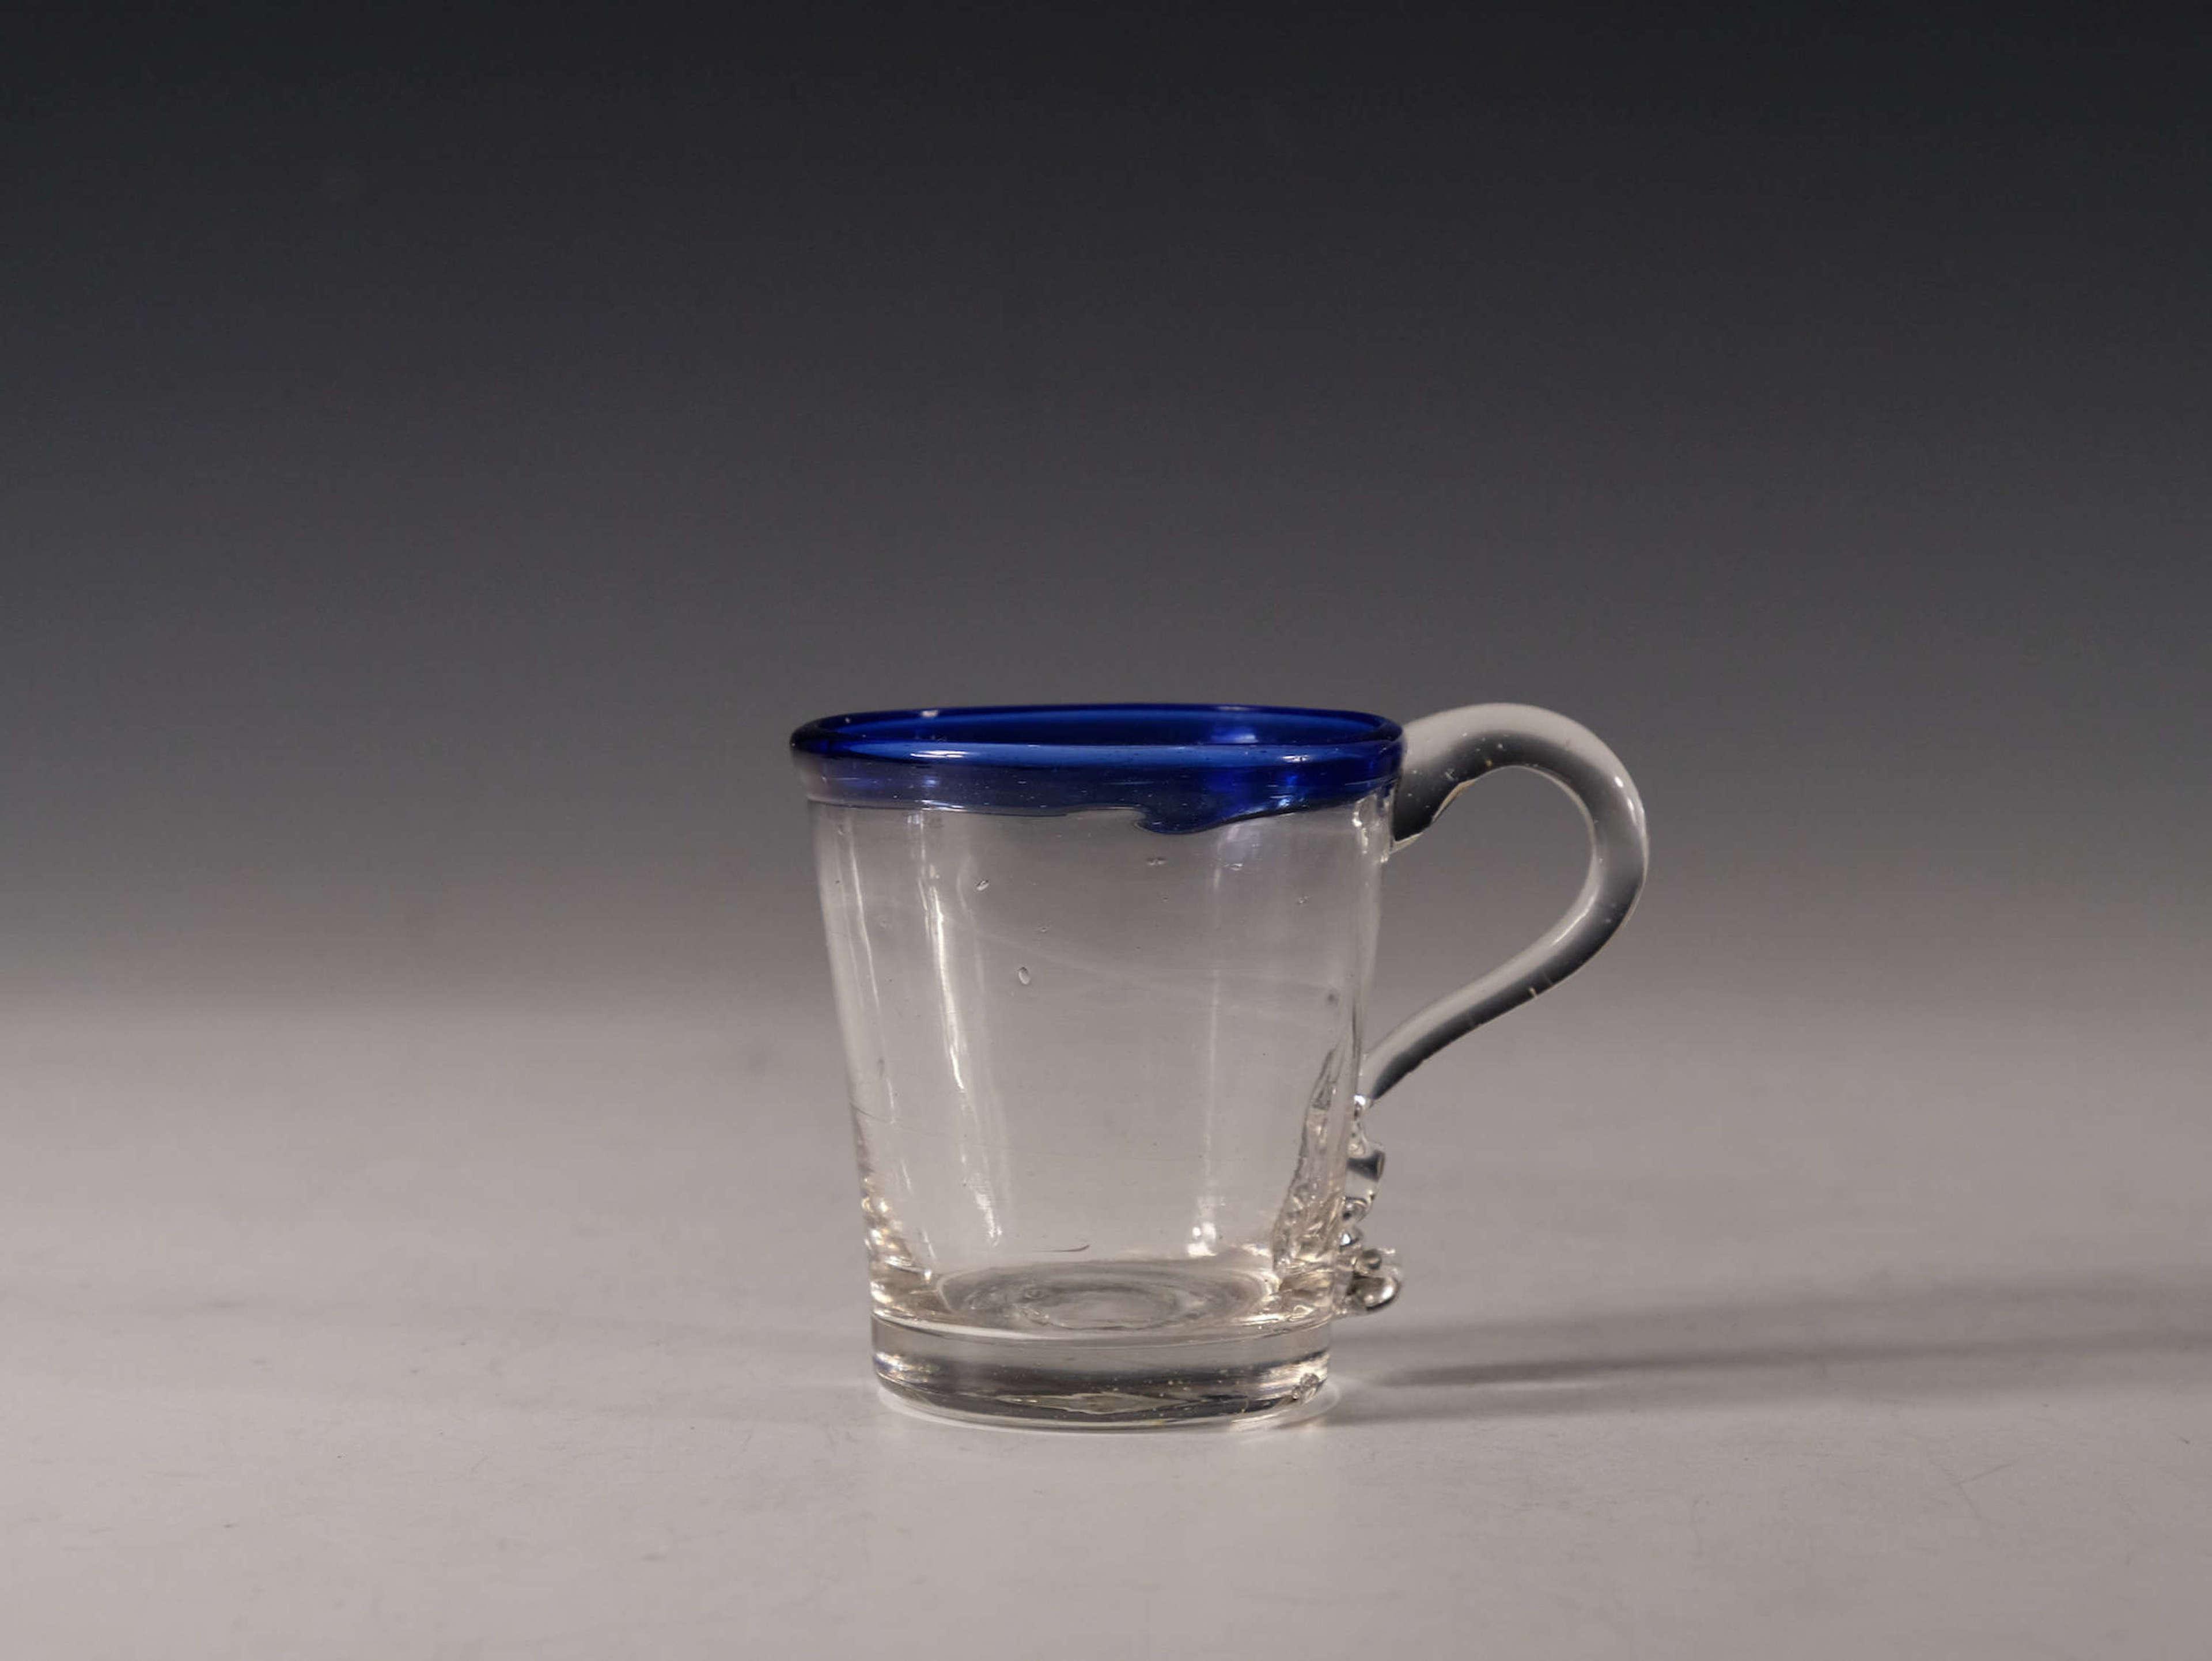 Antique punch cup blue rim C1820